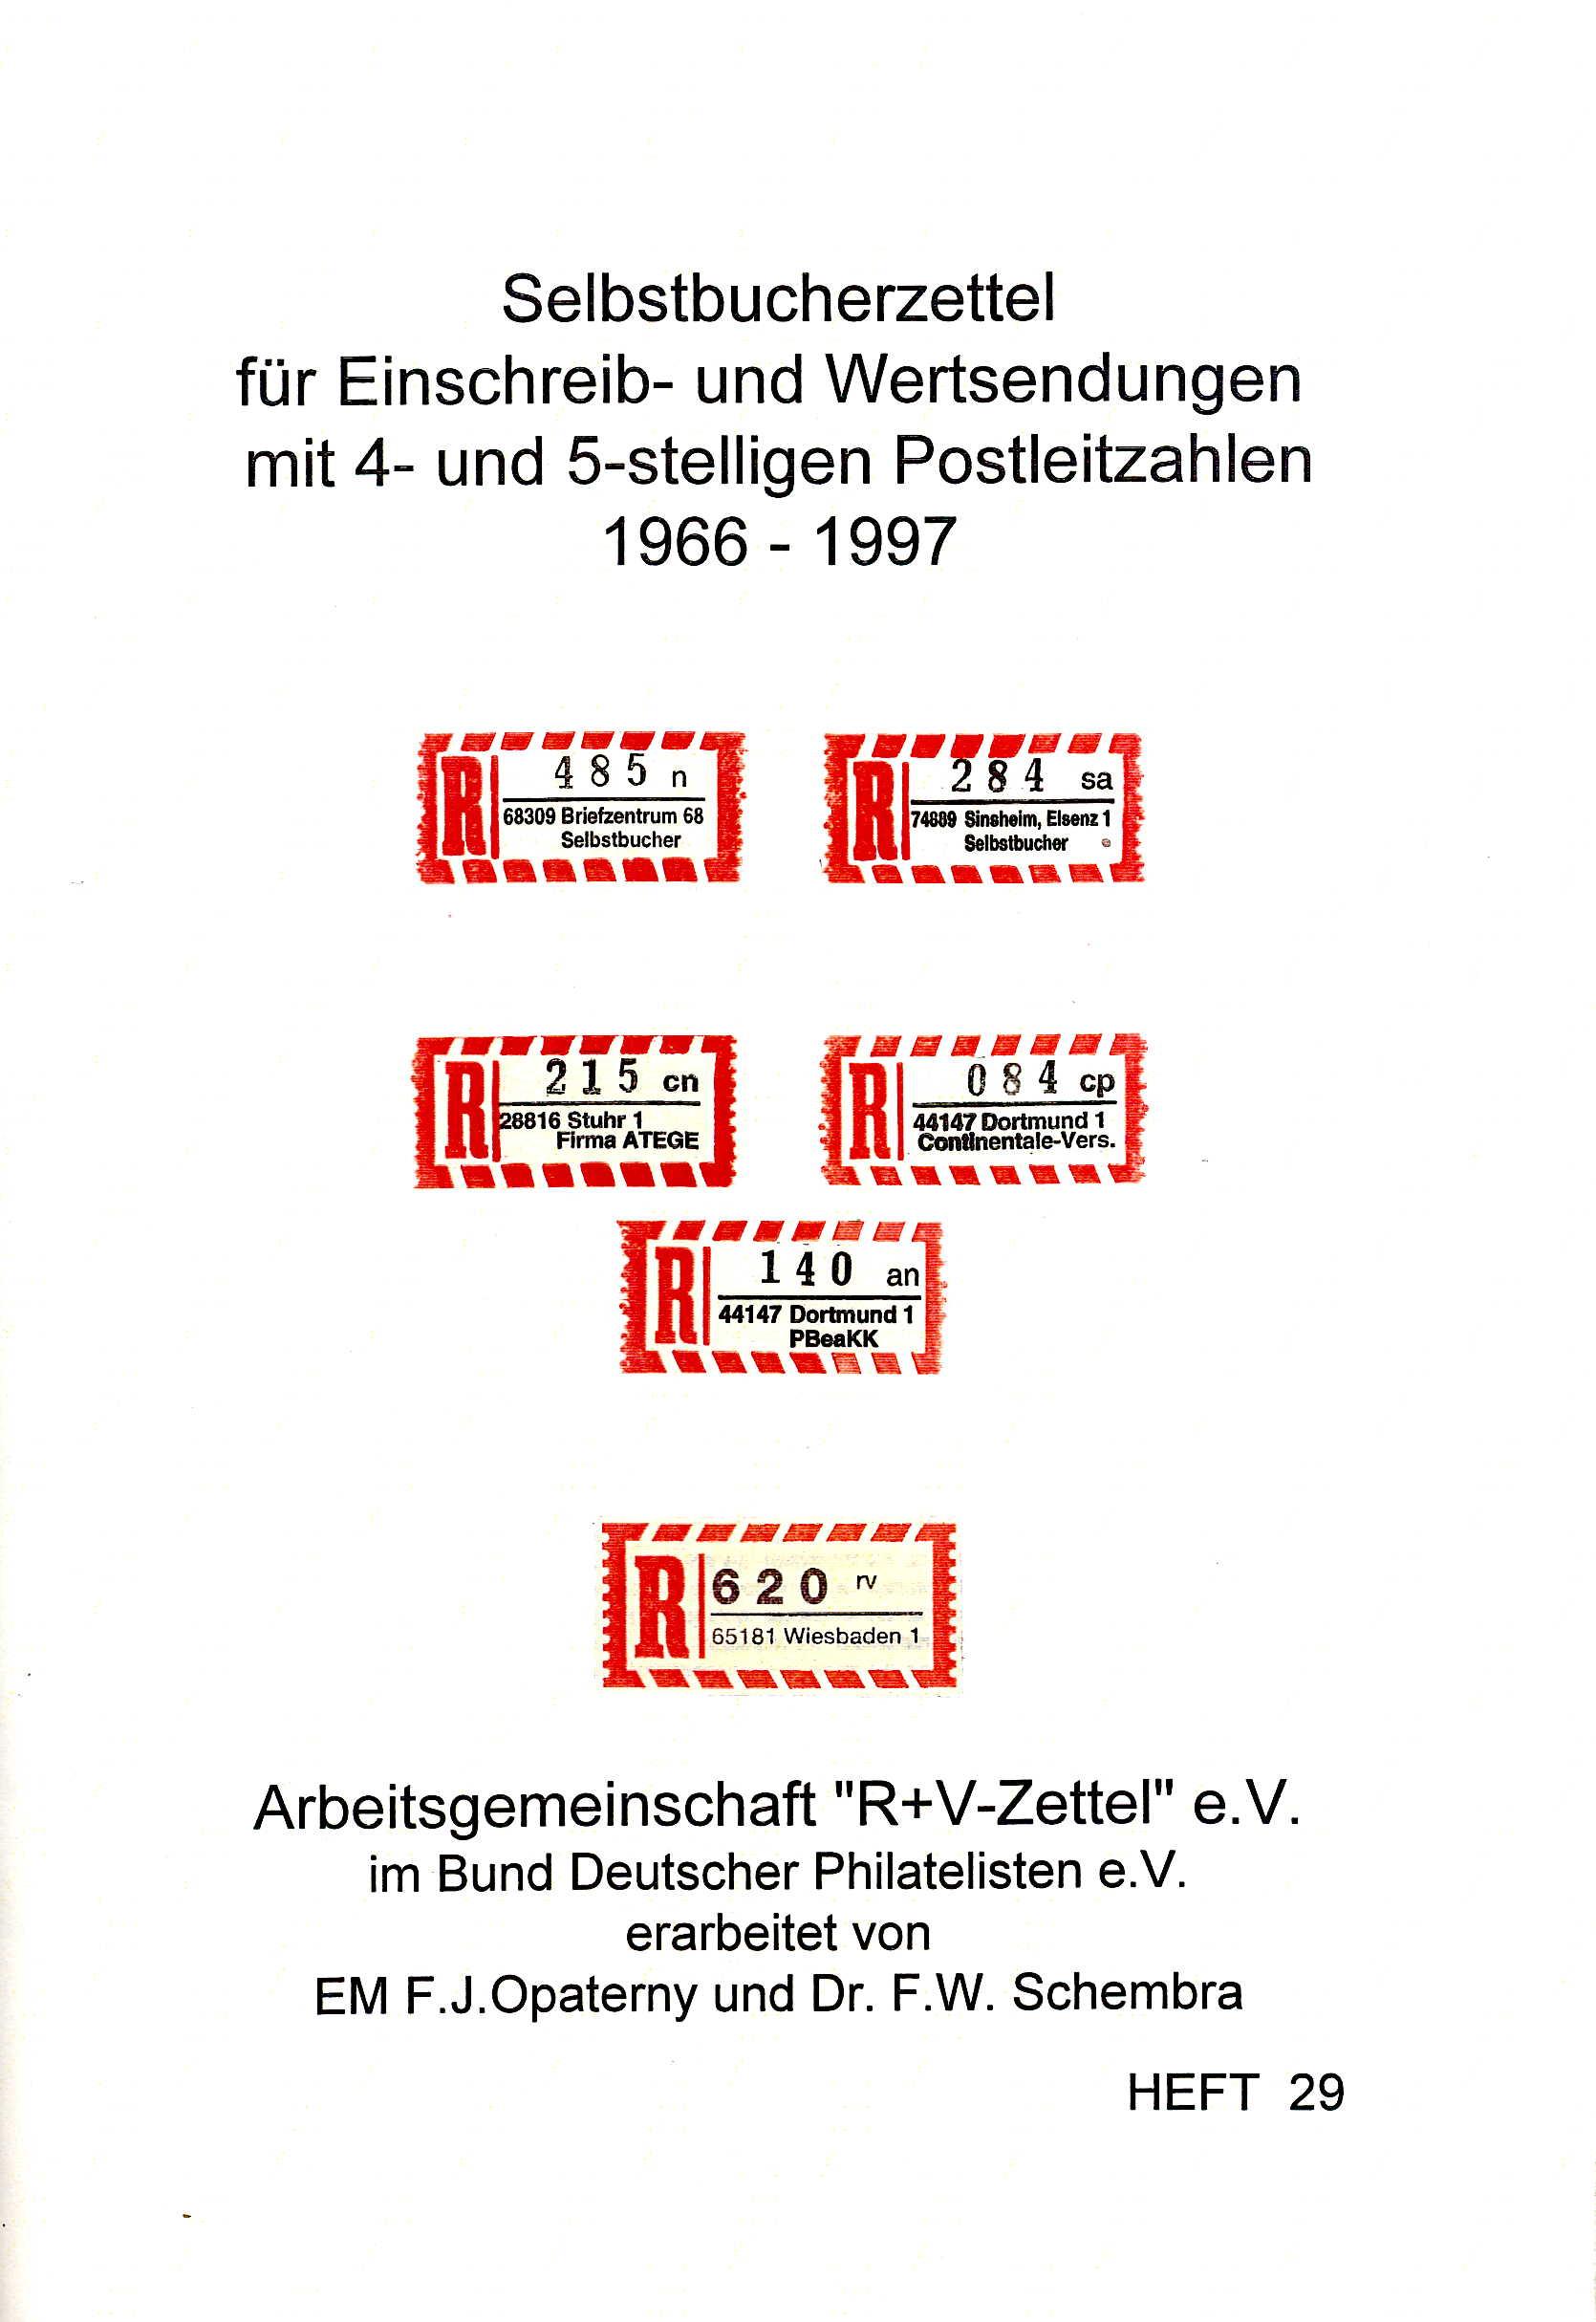 Opaterny/Schembra Handbuch Selbstbucherzettel für Einschreib- un